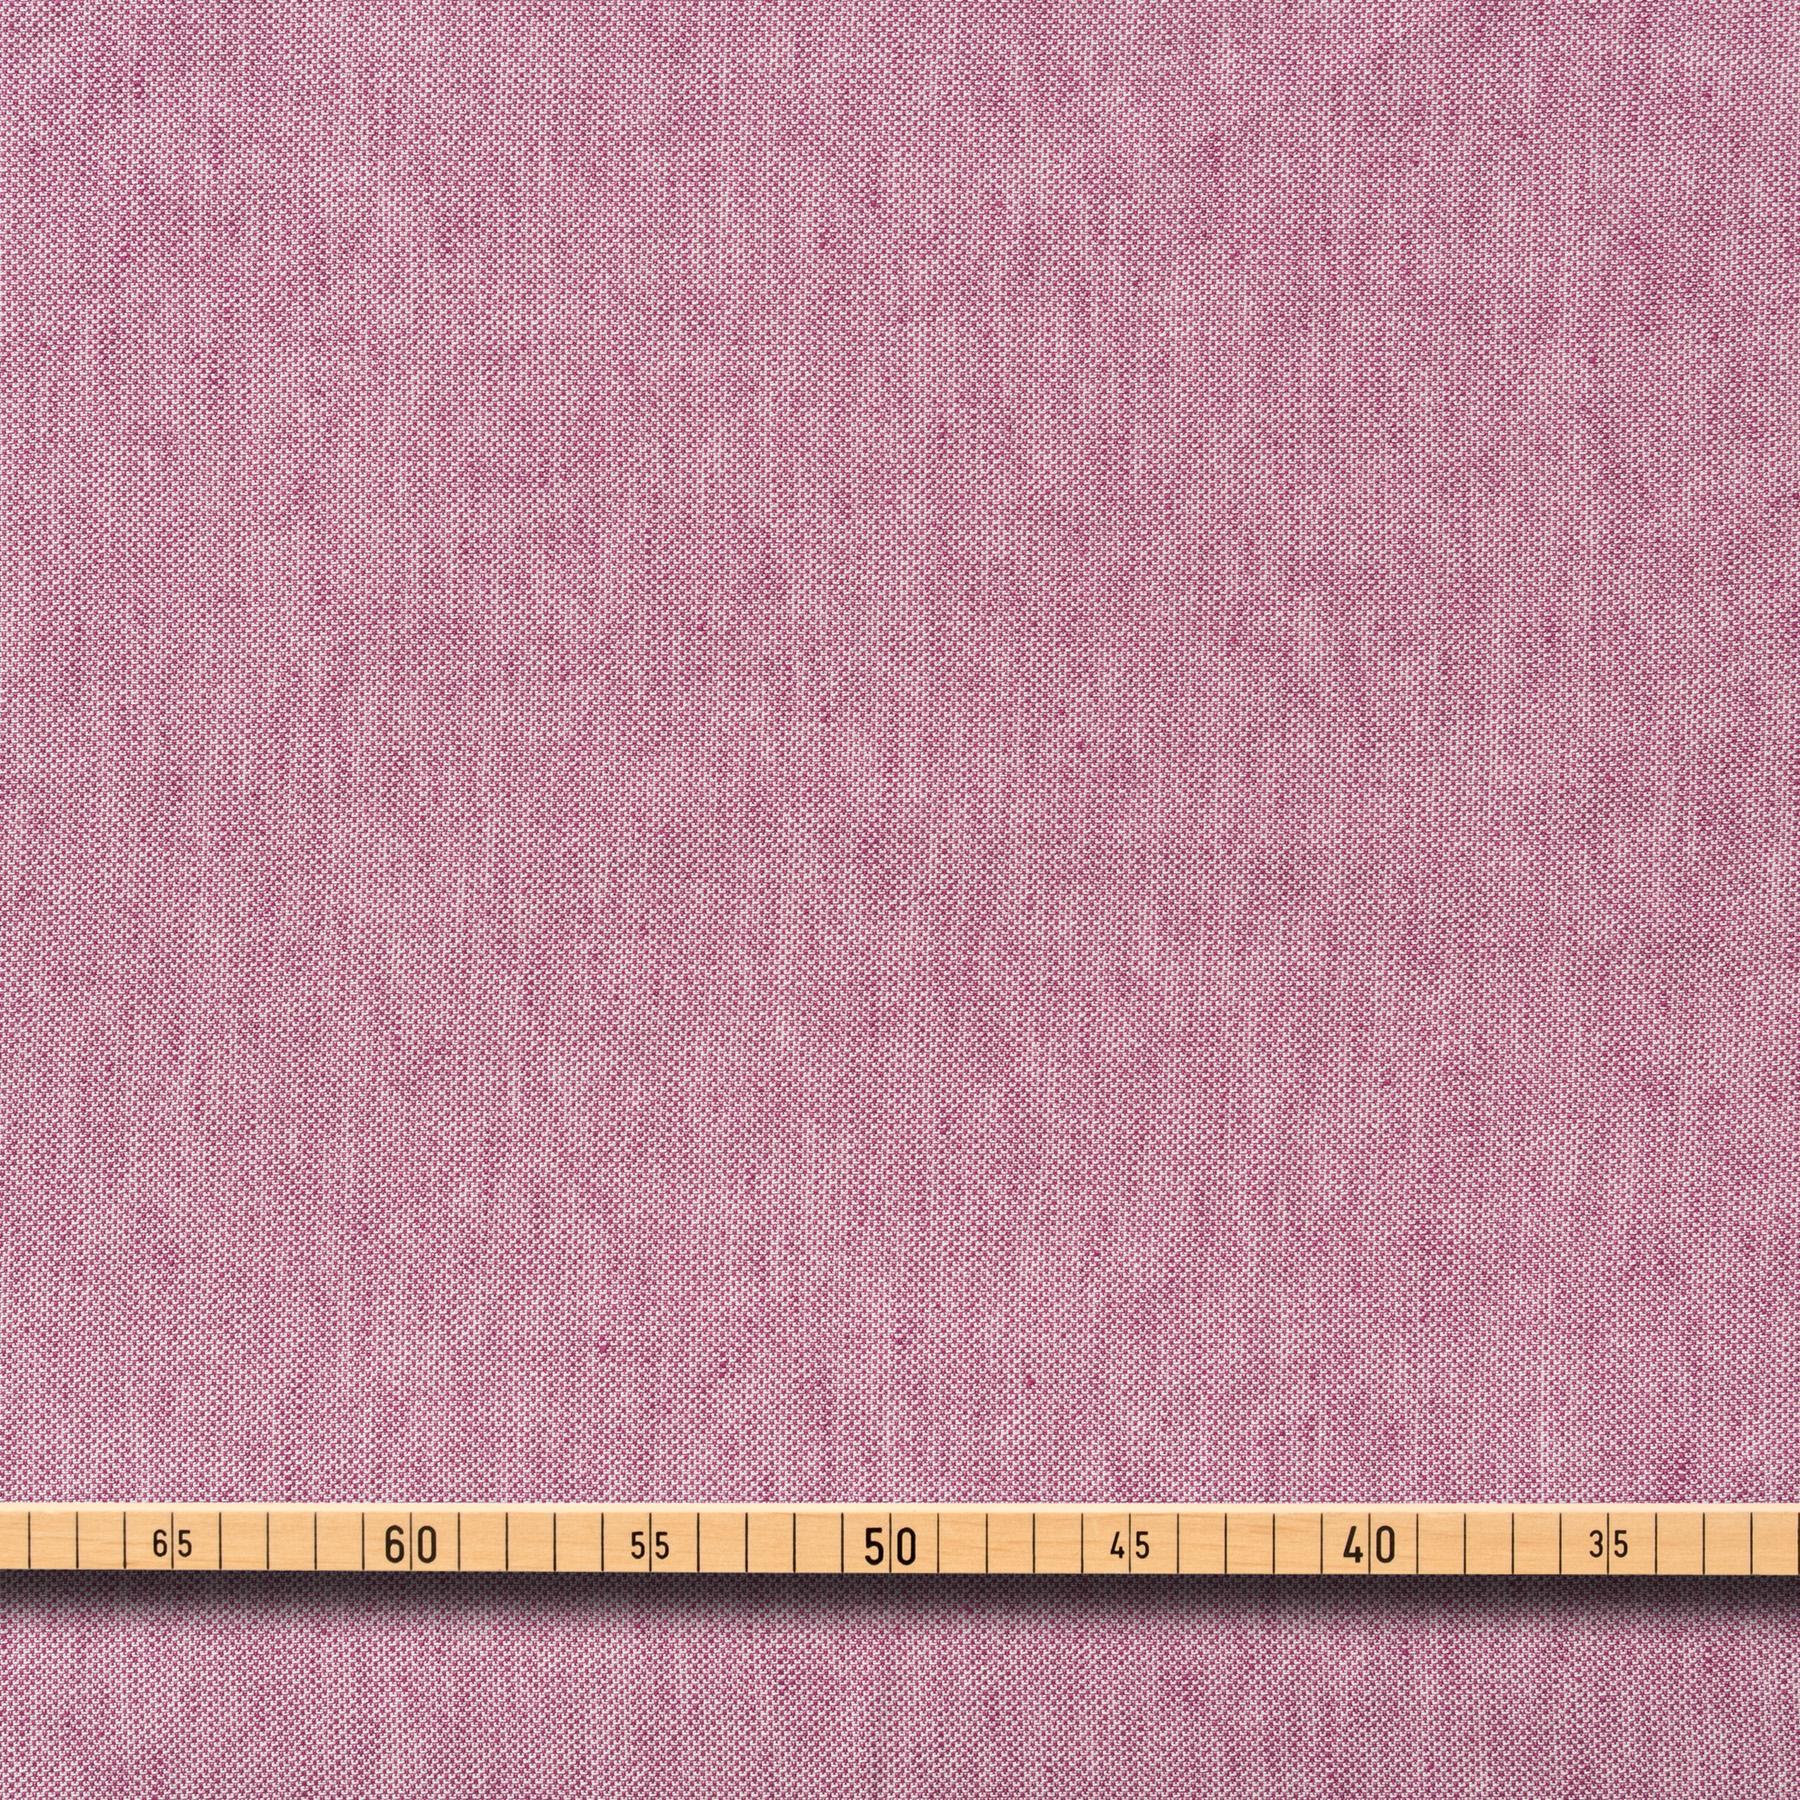 Leinen Baumwolle Piqué Chambray in pink und creme weiß